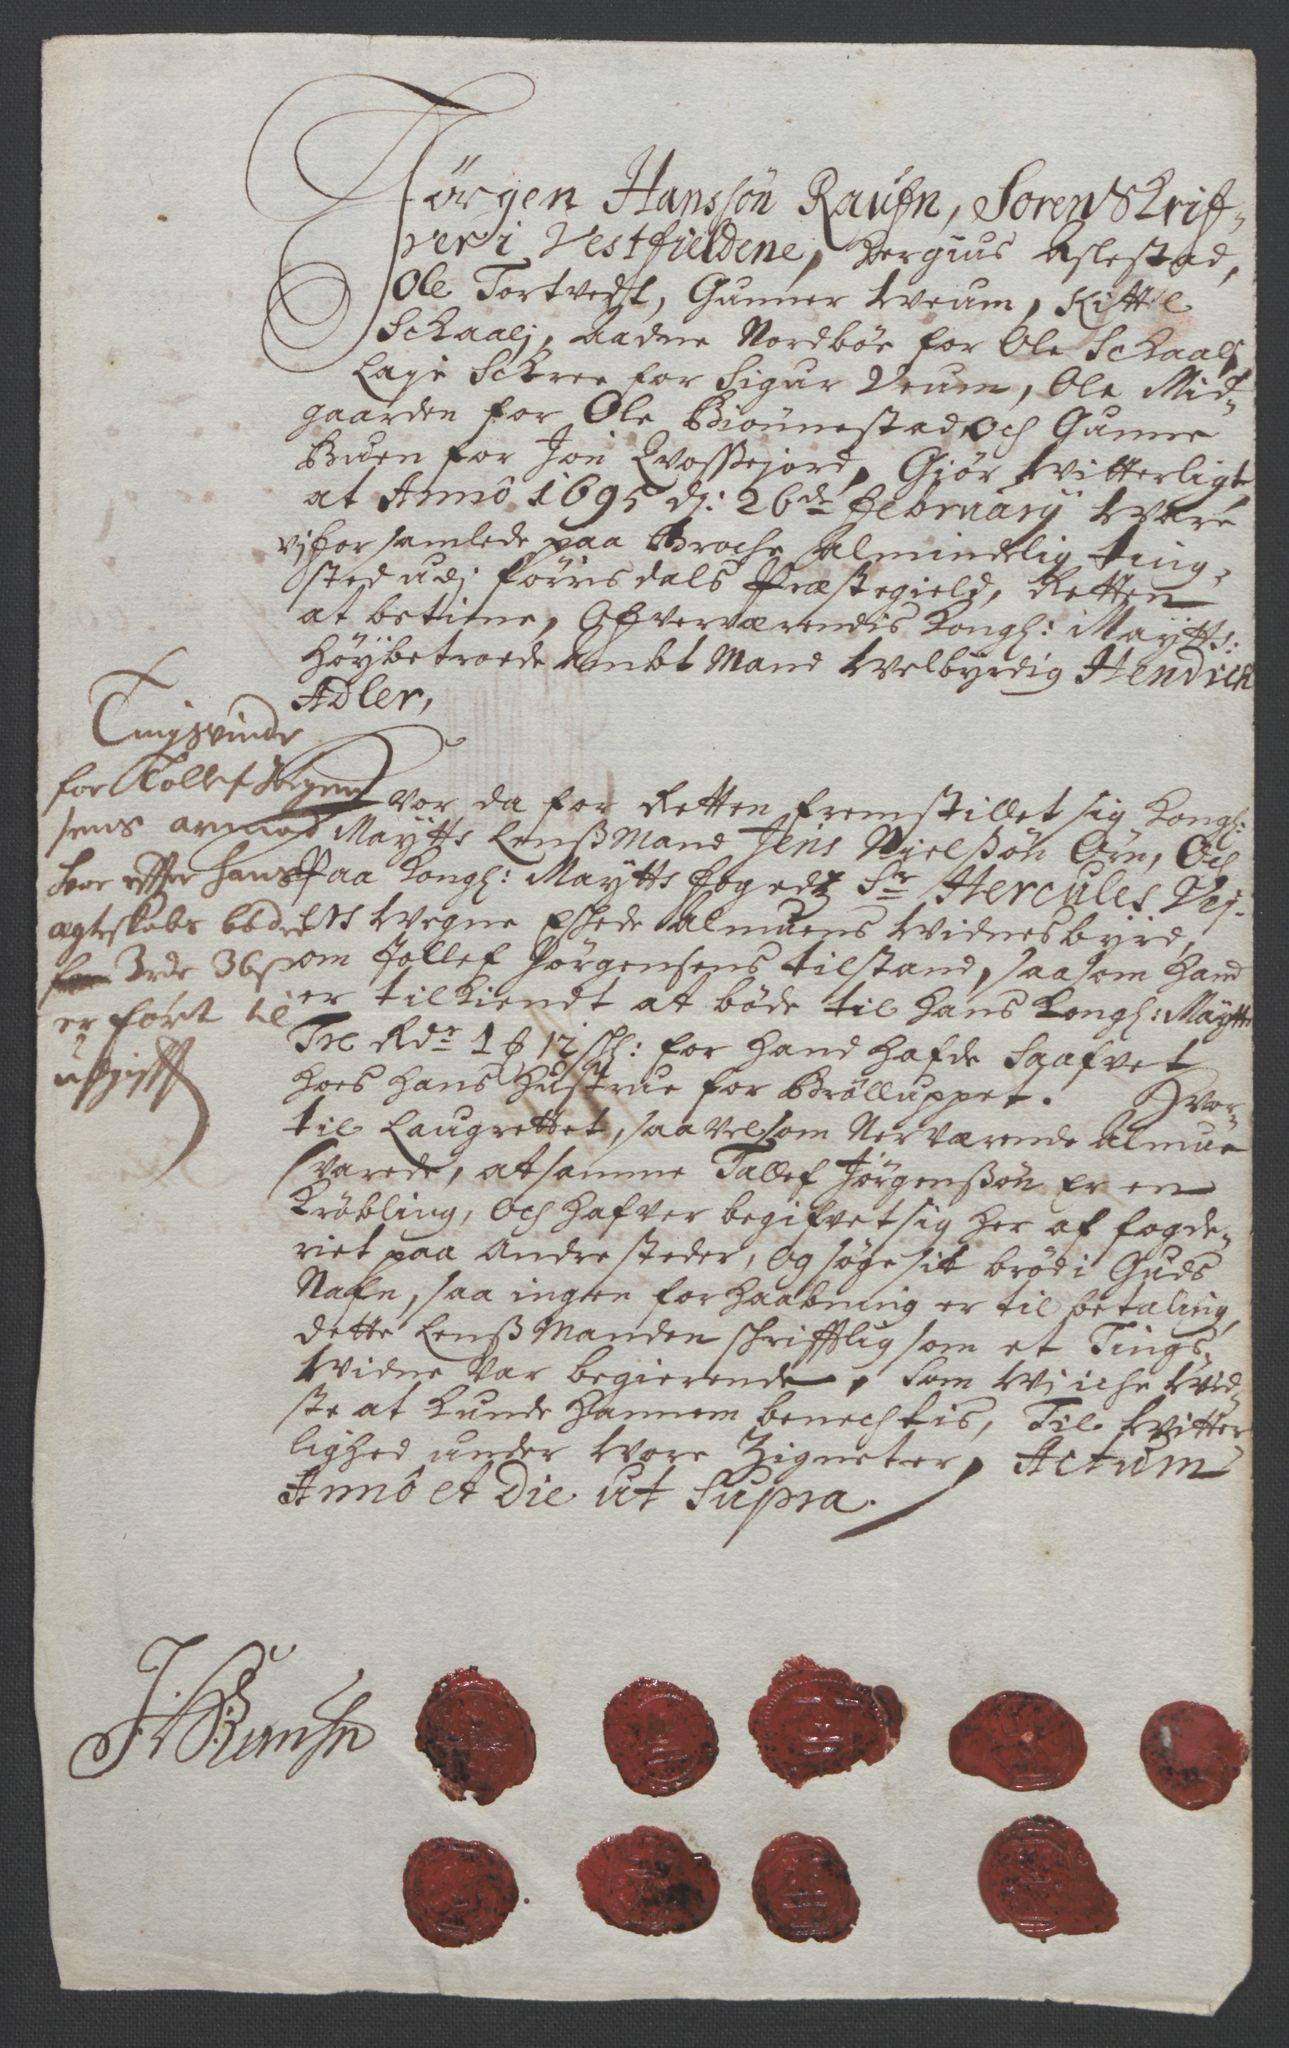 RA, Rentekammeret inntil 1814, Reviderte regnskaper, Fogderegnskap, R36/L2092: Fogderegnskap Øvre og Nedre Telemark og Bamble, 1694, s. 145